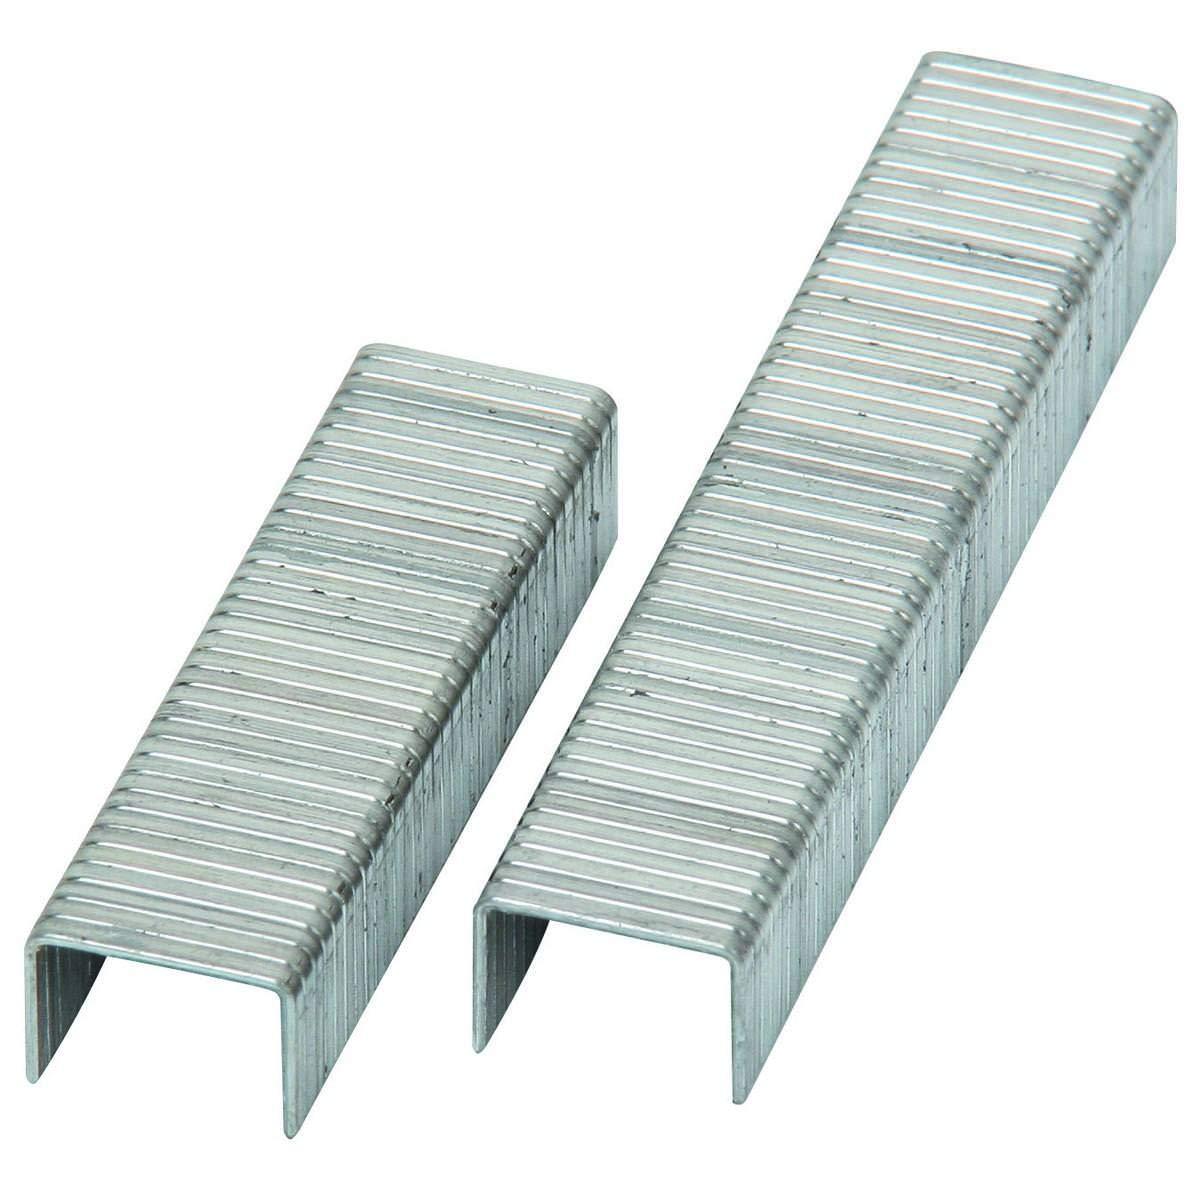 5000-Pack RG industrial 1//4 Flat Staples mobarel